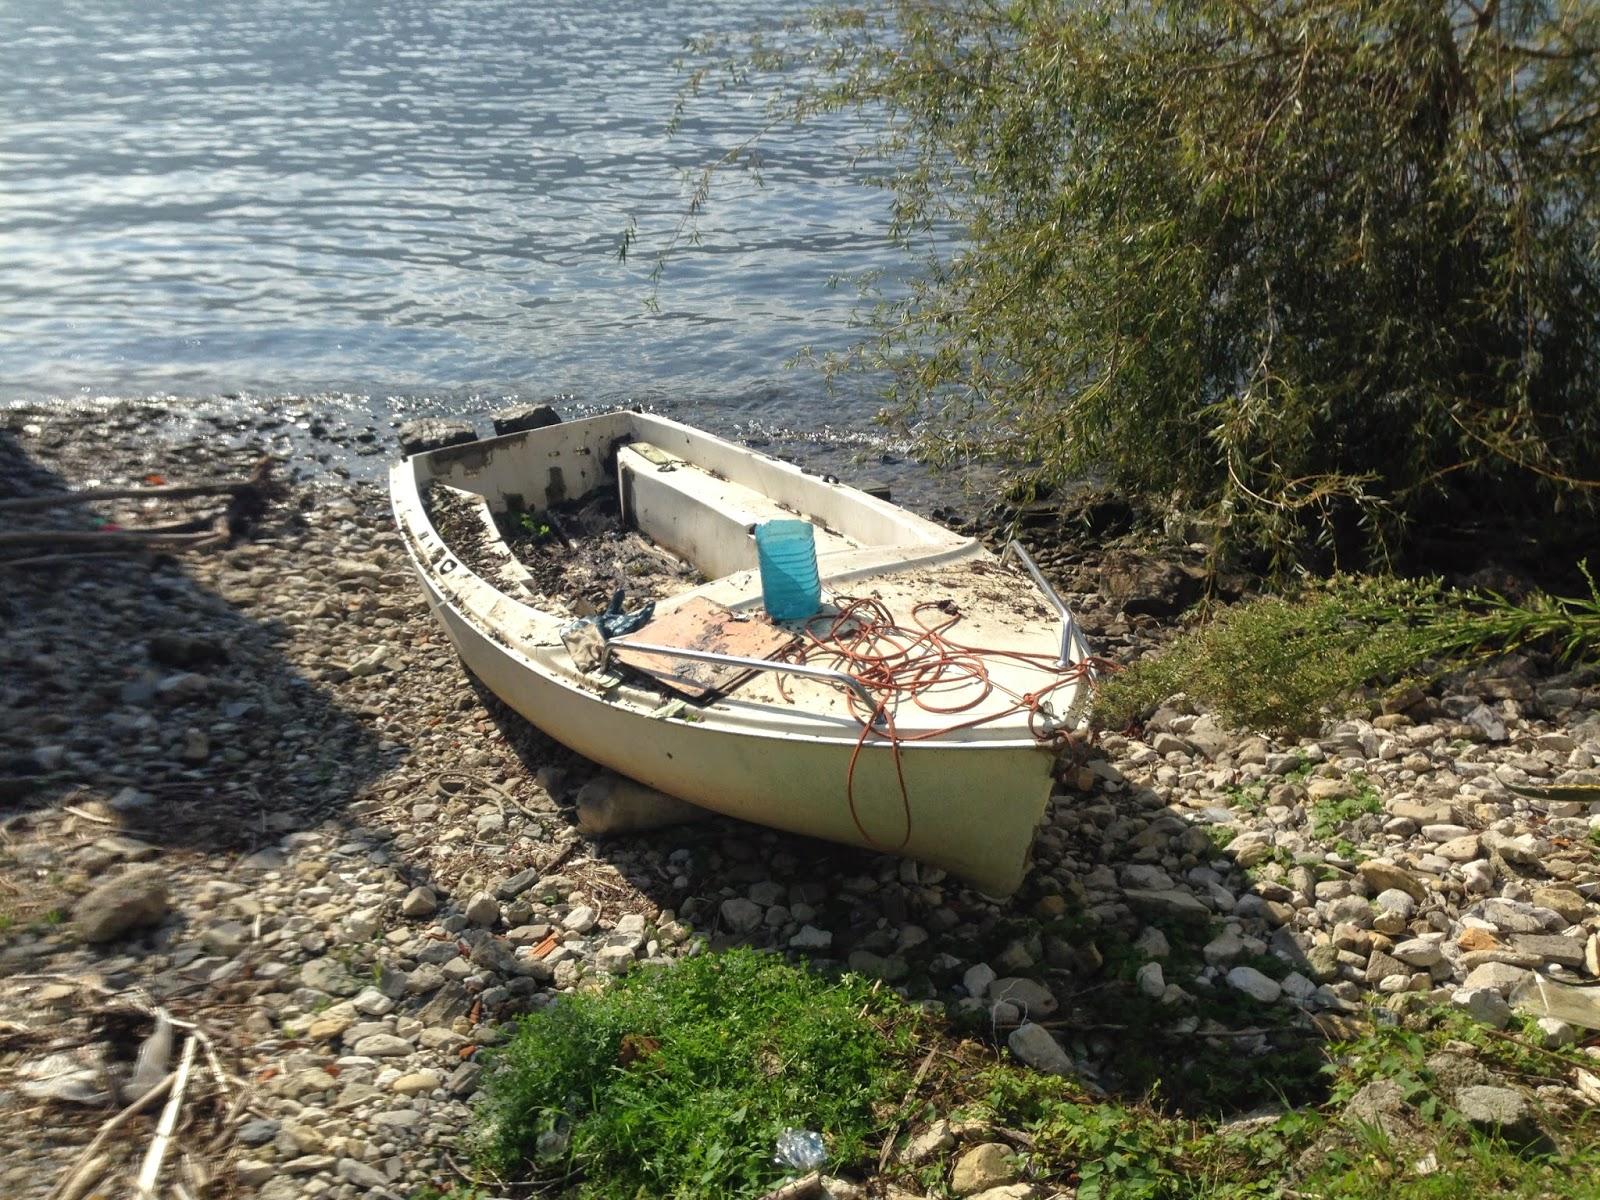 ecco la Maretta vicino all`acqua... avrebbe galleggiato ?